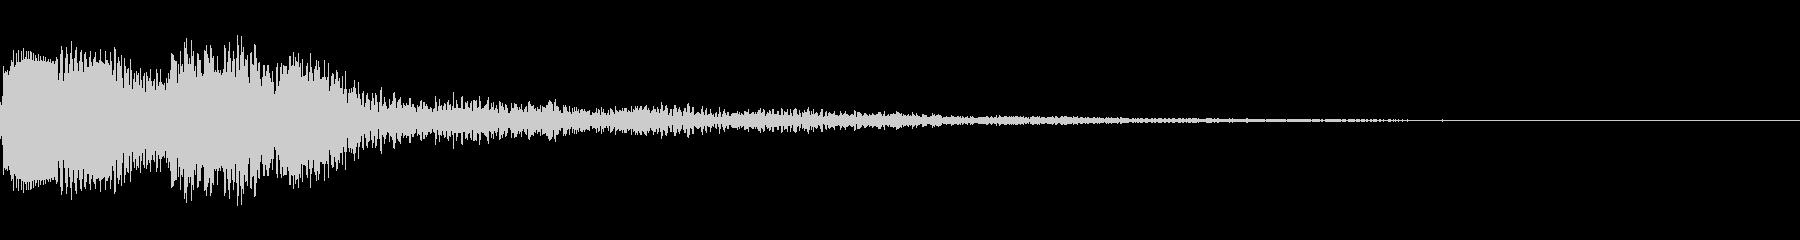 決定音の未再生の波形